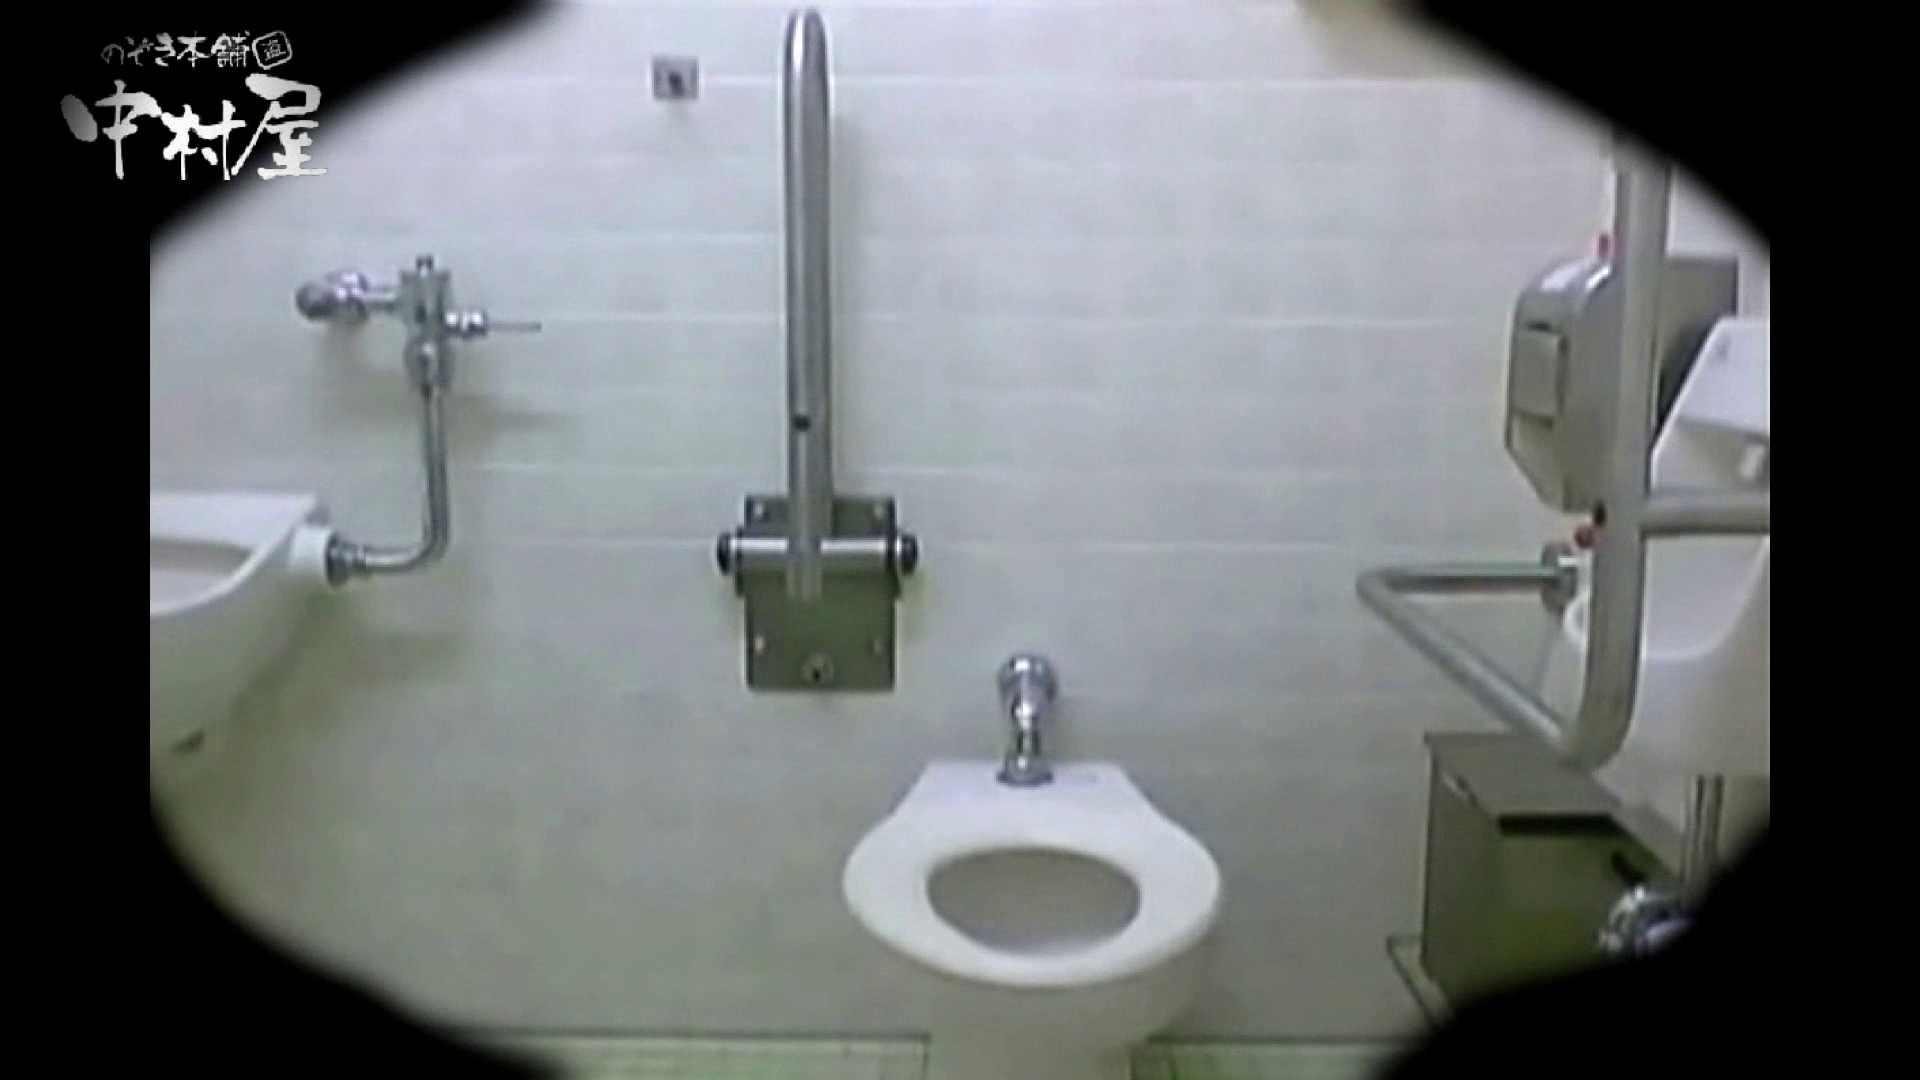 teen galトイレ覗き紙がナイ編‼vol.10 トイレの中まで 盗撮 10枚 3